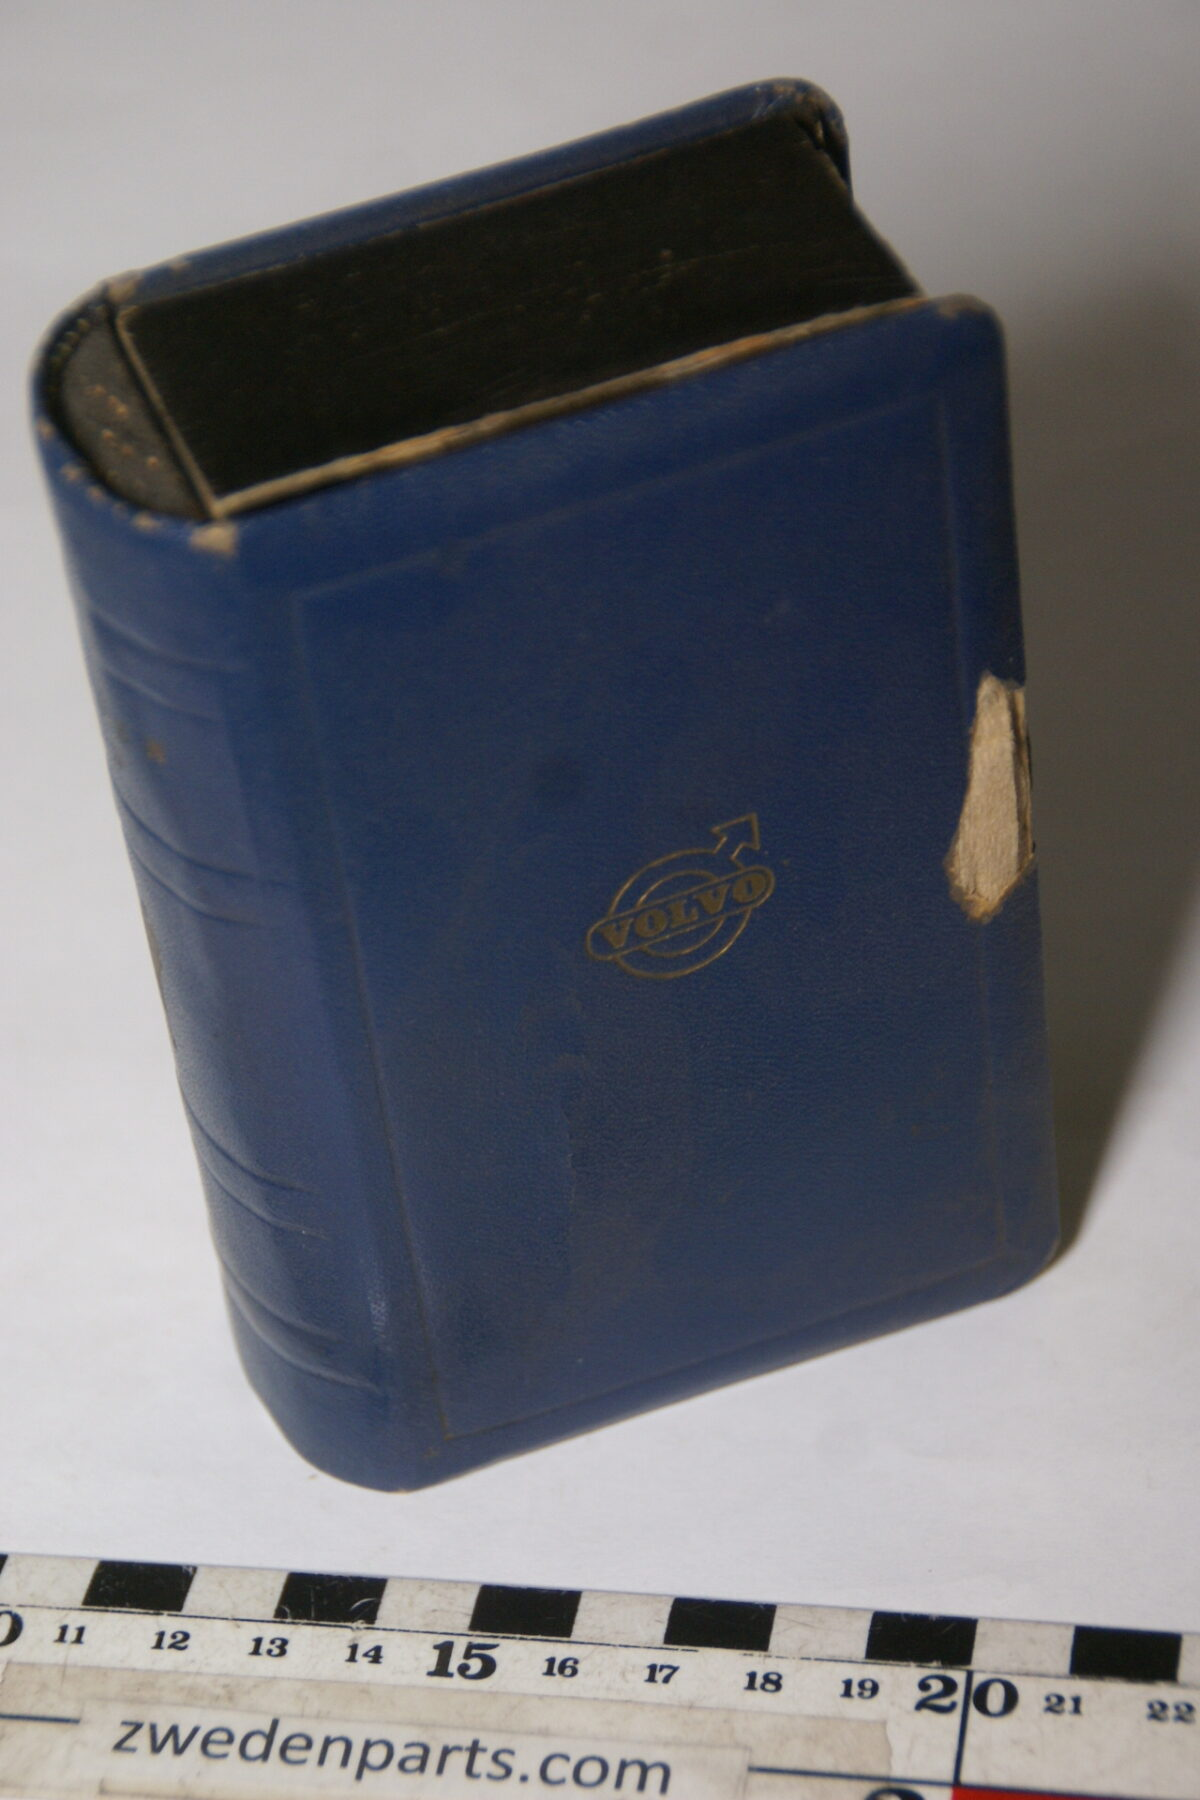 DSC02111 50er jaren originele doos lucifers Volvo leer blauw in boekvorm-ed9f98dd